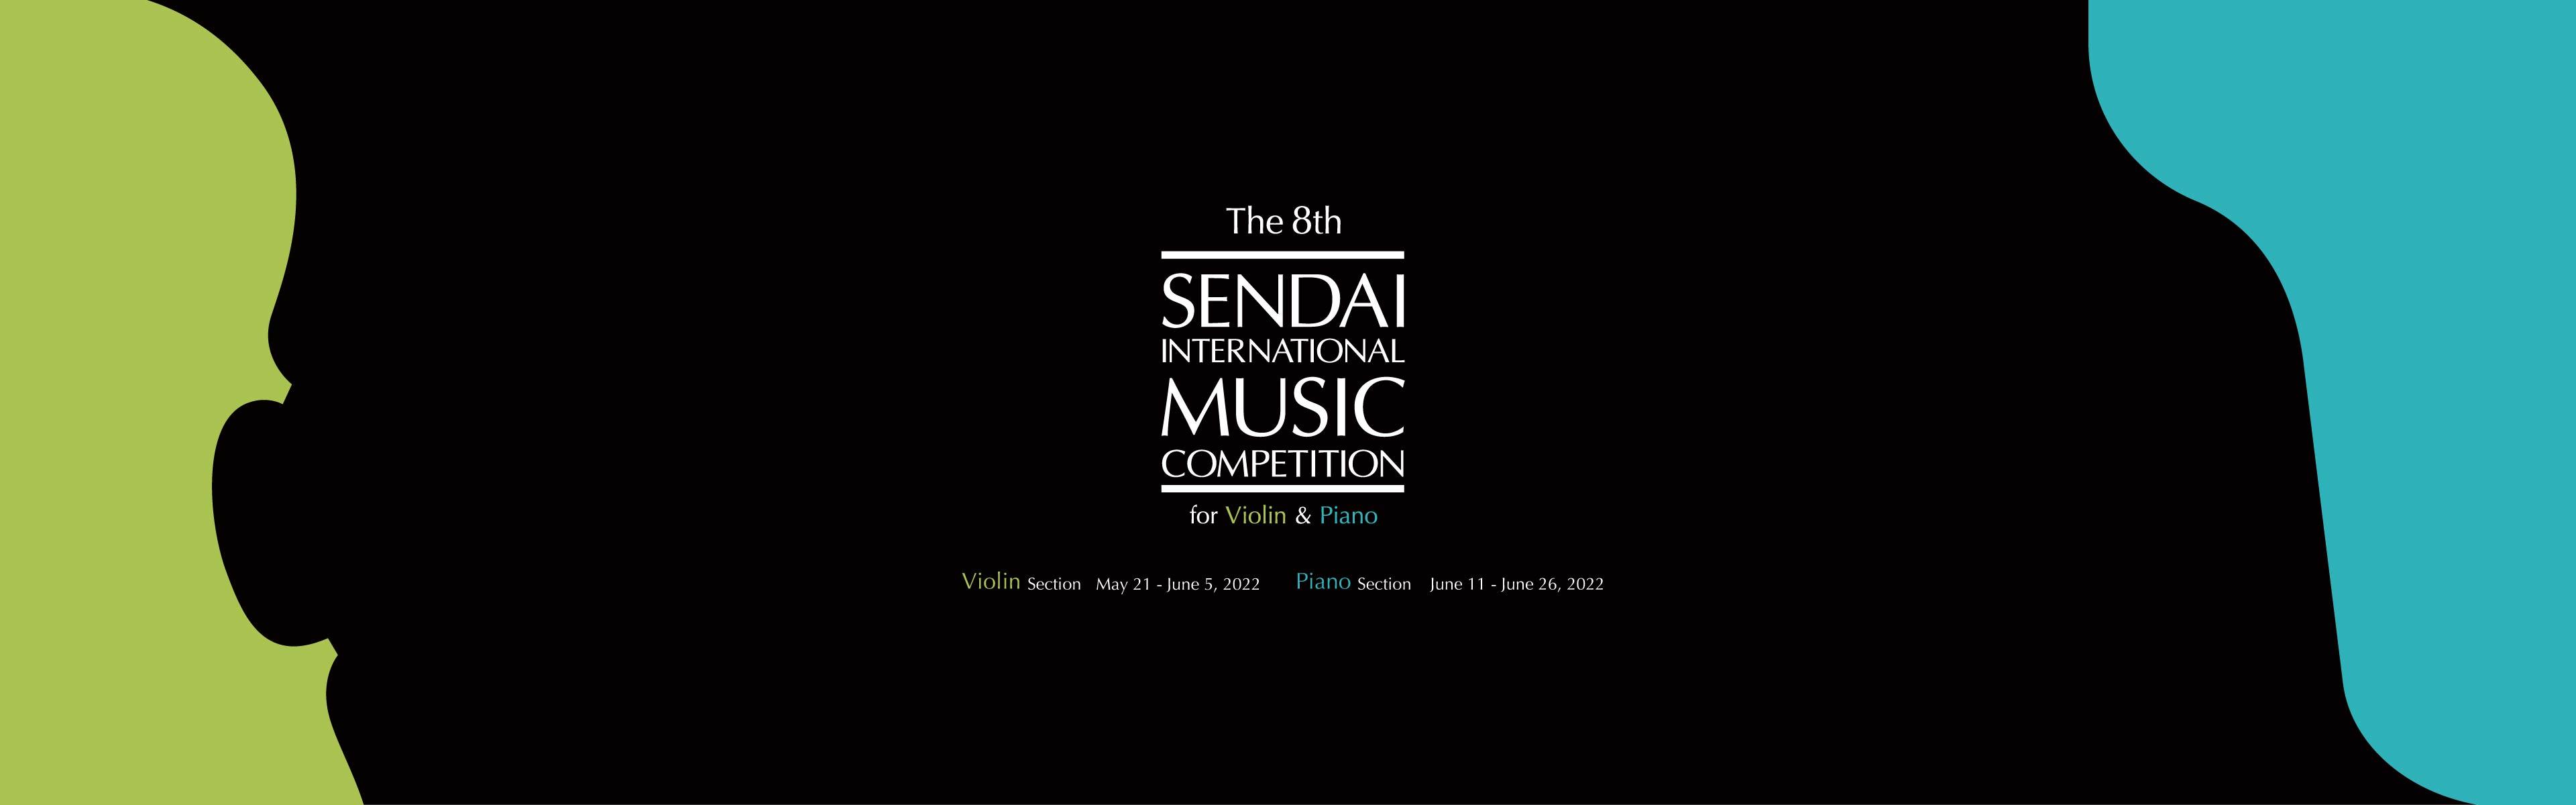 第8回コンクール | 仙台国際音楽コンクール公式サイト